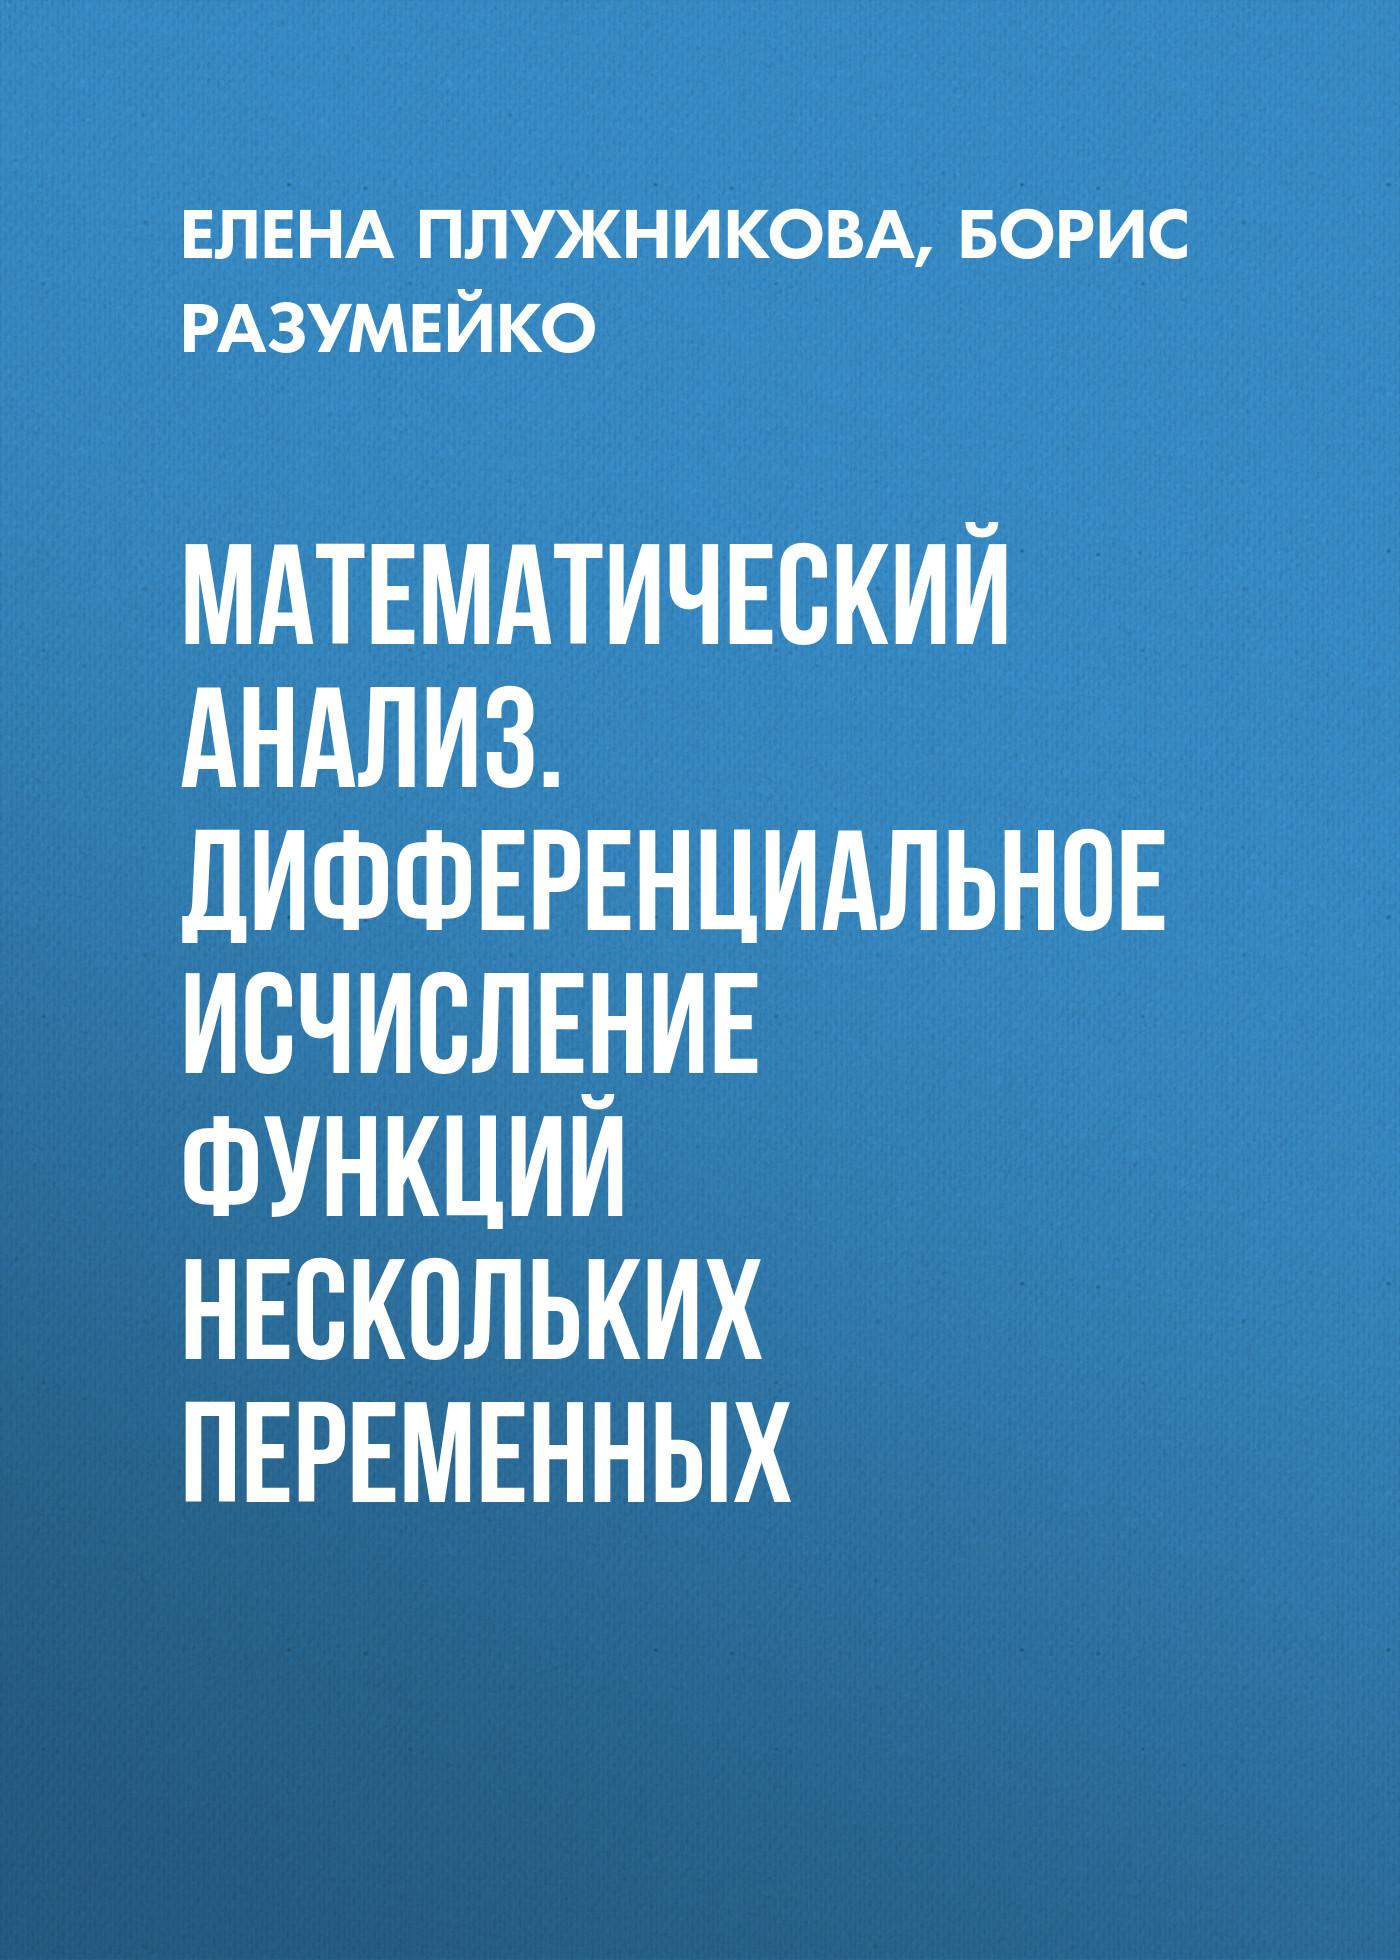 Е. Л. Плужникова Математический анализ. Дифференциальное исчисление функций нескольких переменных елена плужникова дифференциальное исчисление функций многих переменных